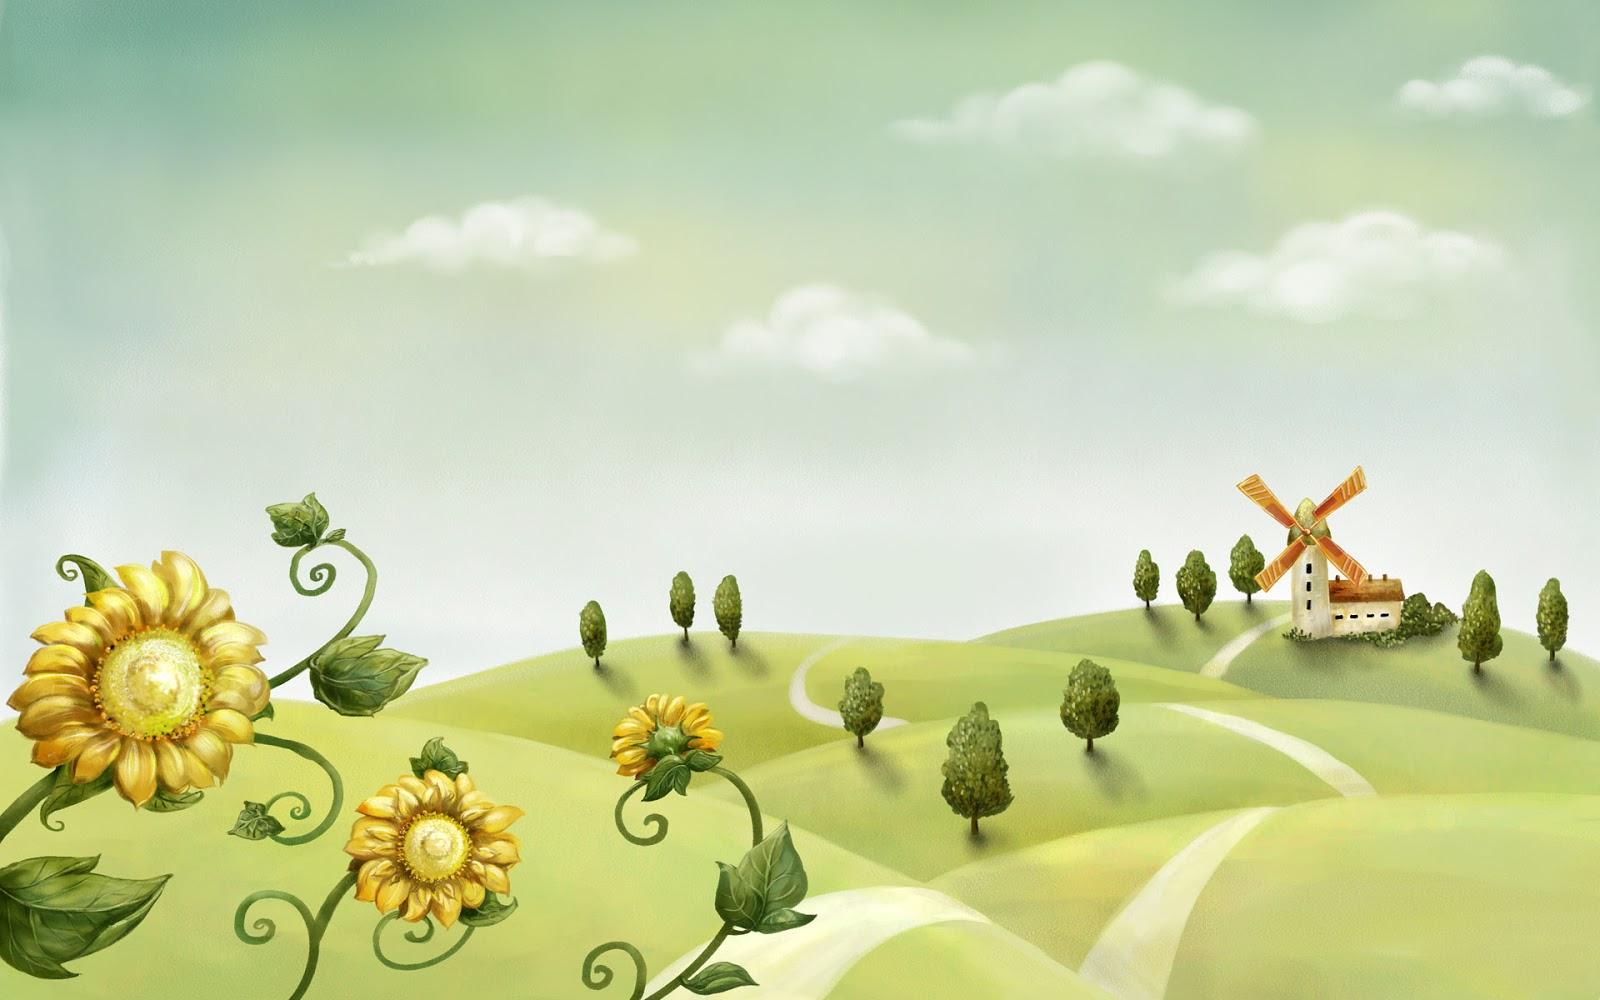 http://1.bp.blogspot.com/-K3aBqLh5oZc/UPJdKZRskZI/AAAAAAAAANM/9aQFQeZDI_8/s1600/sunflower-in-green-garden-with-lighthouse-background-cartoon-hd-wallpapers-1920-x-1200.jpg